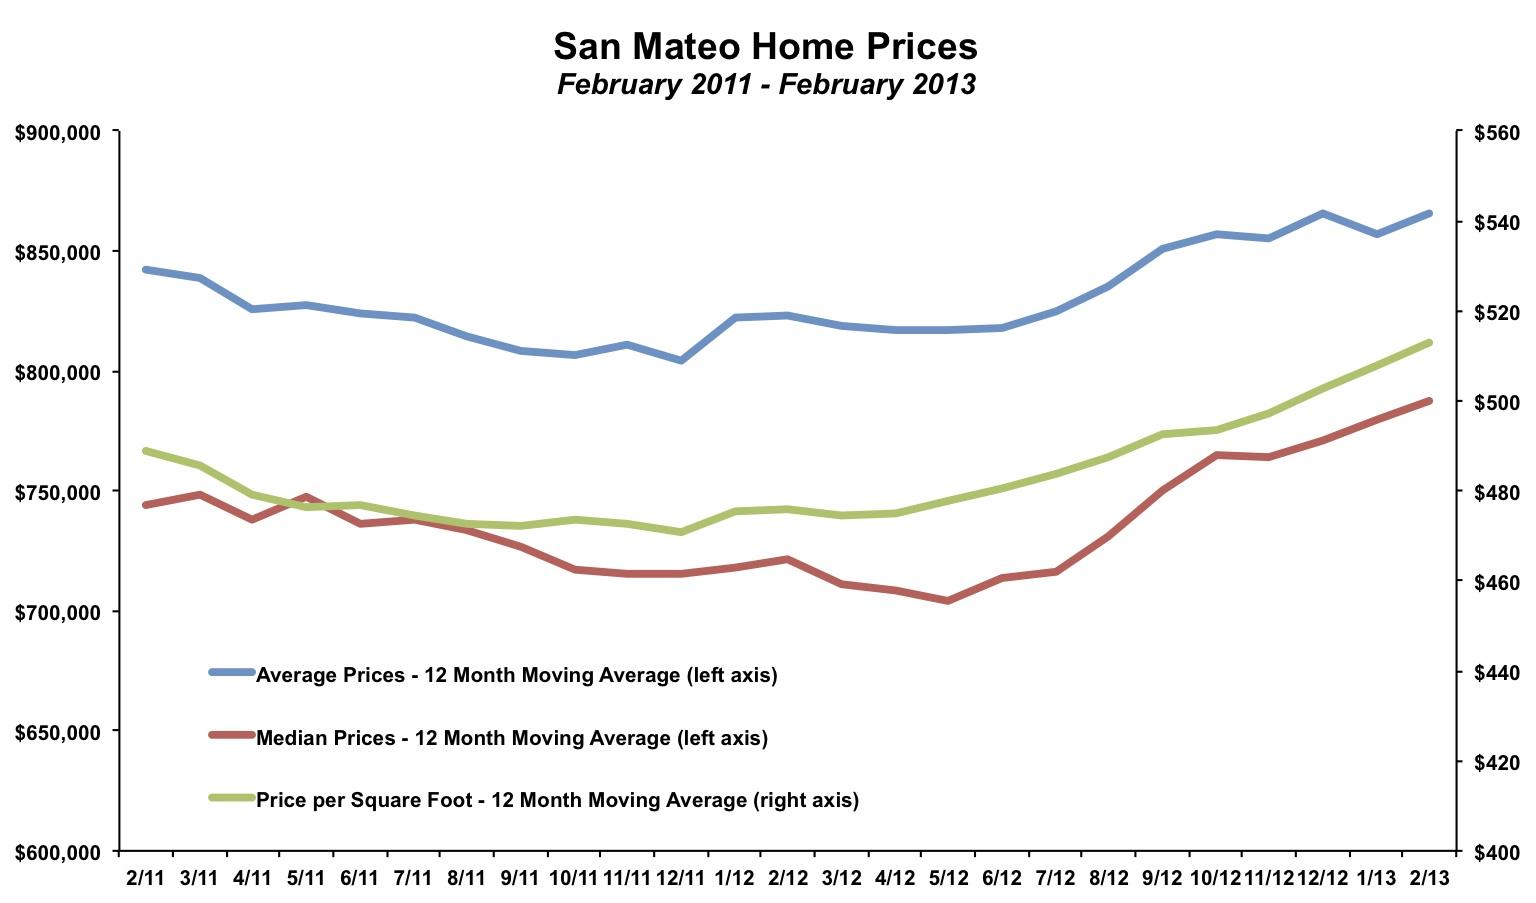 San Mateo Home Price February 2013